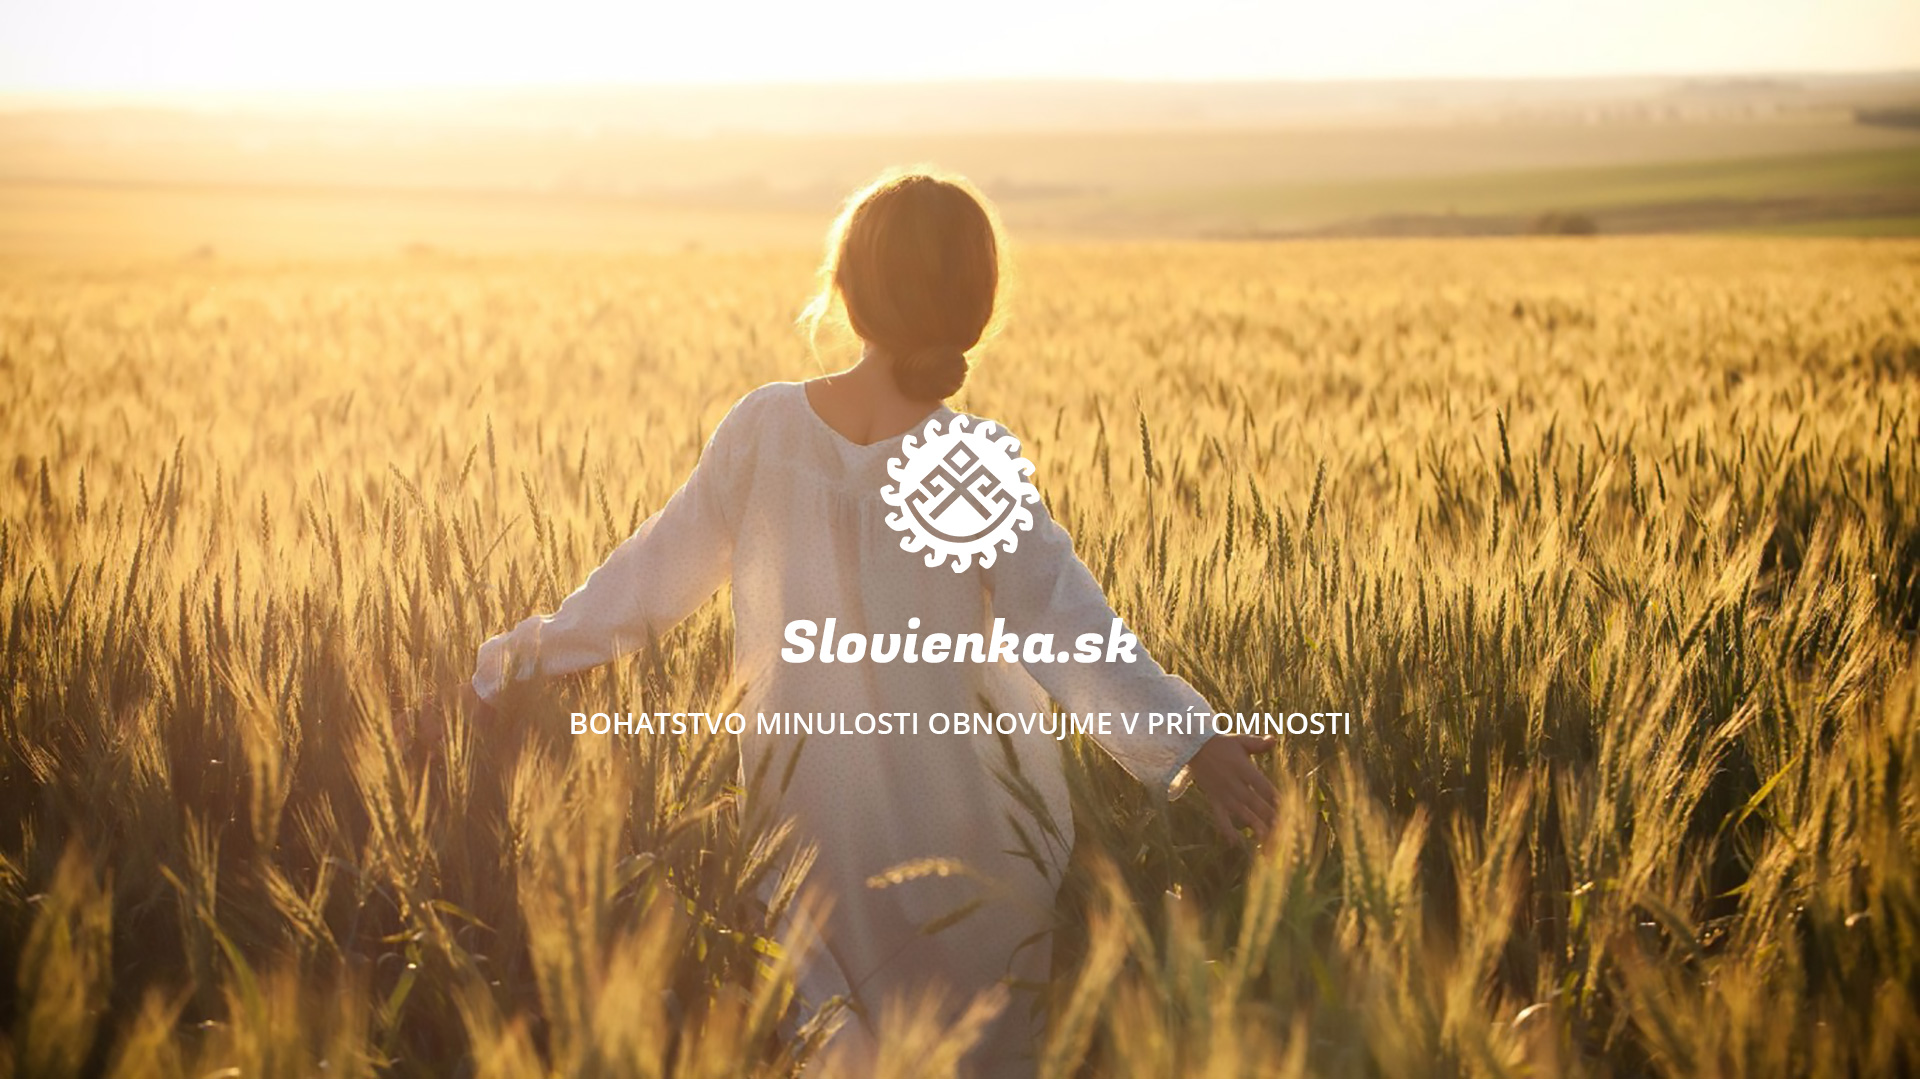 Slovienka, slovanka, slovenská žena